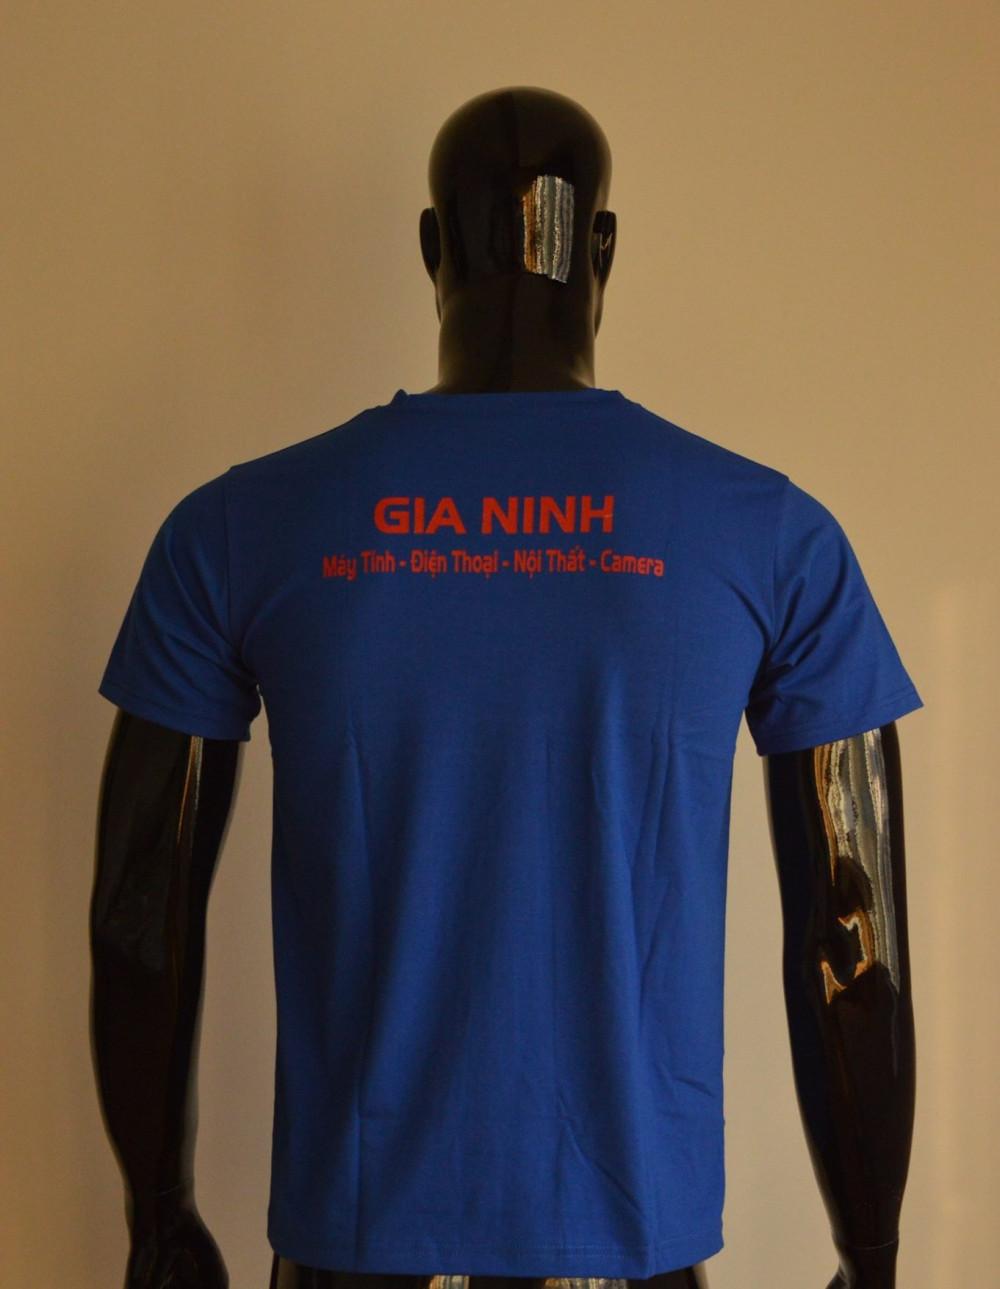 Mẫu áo thun cá sấu màu xanh da biển phối chữ đỏ- tay ngắn, cổ tròn cho nam (1)